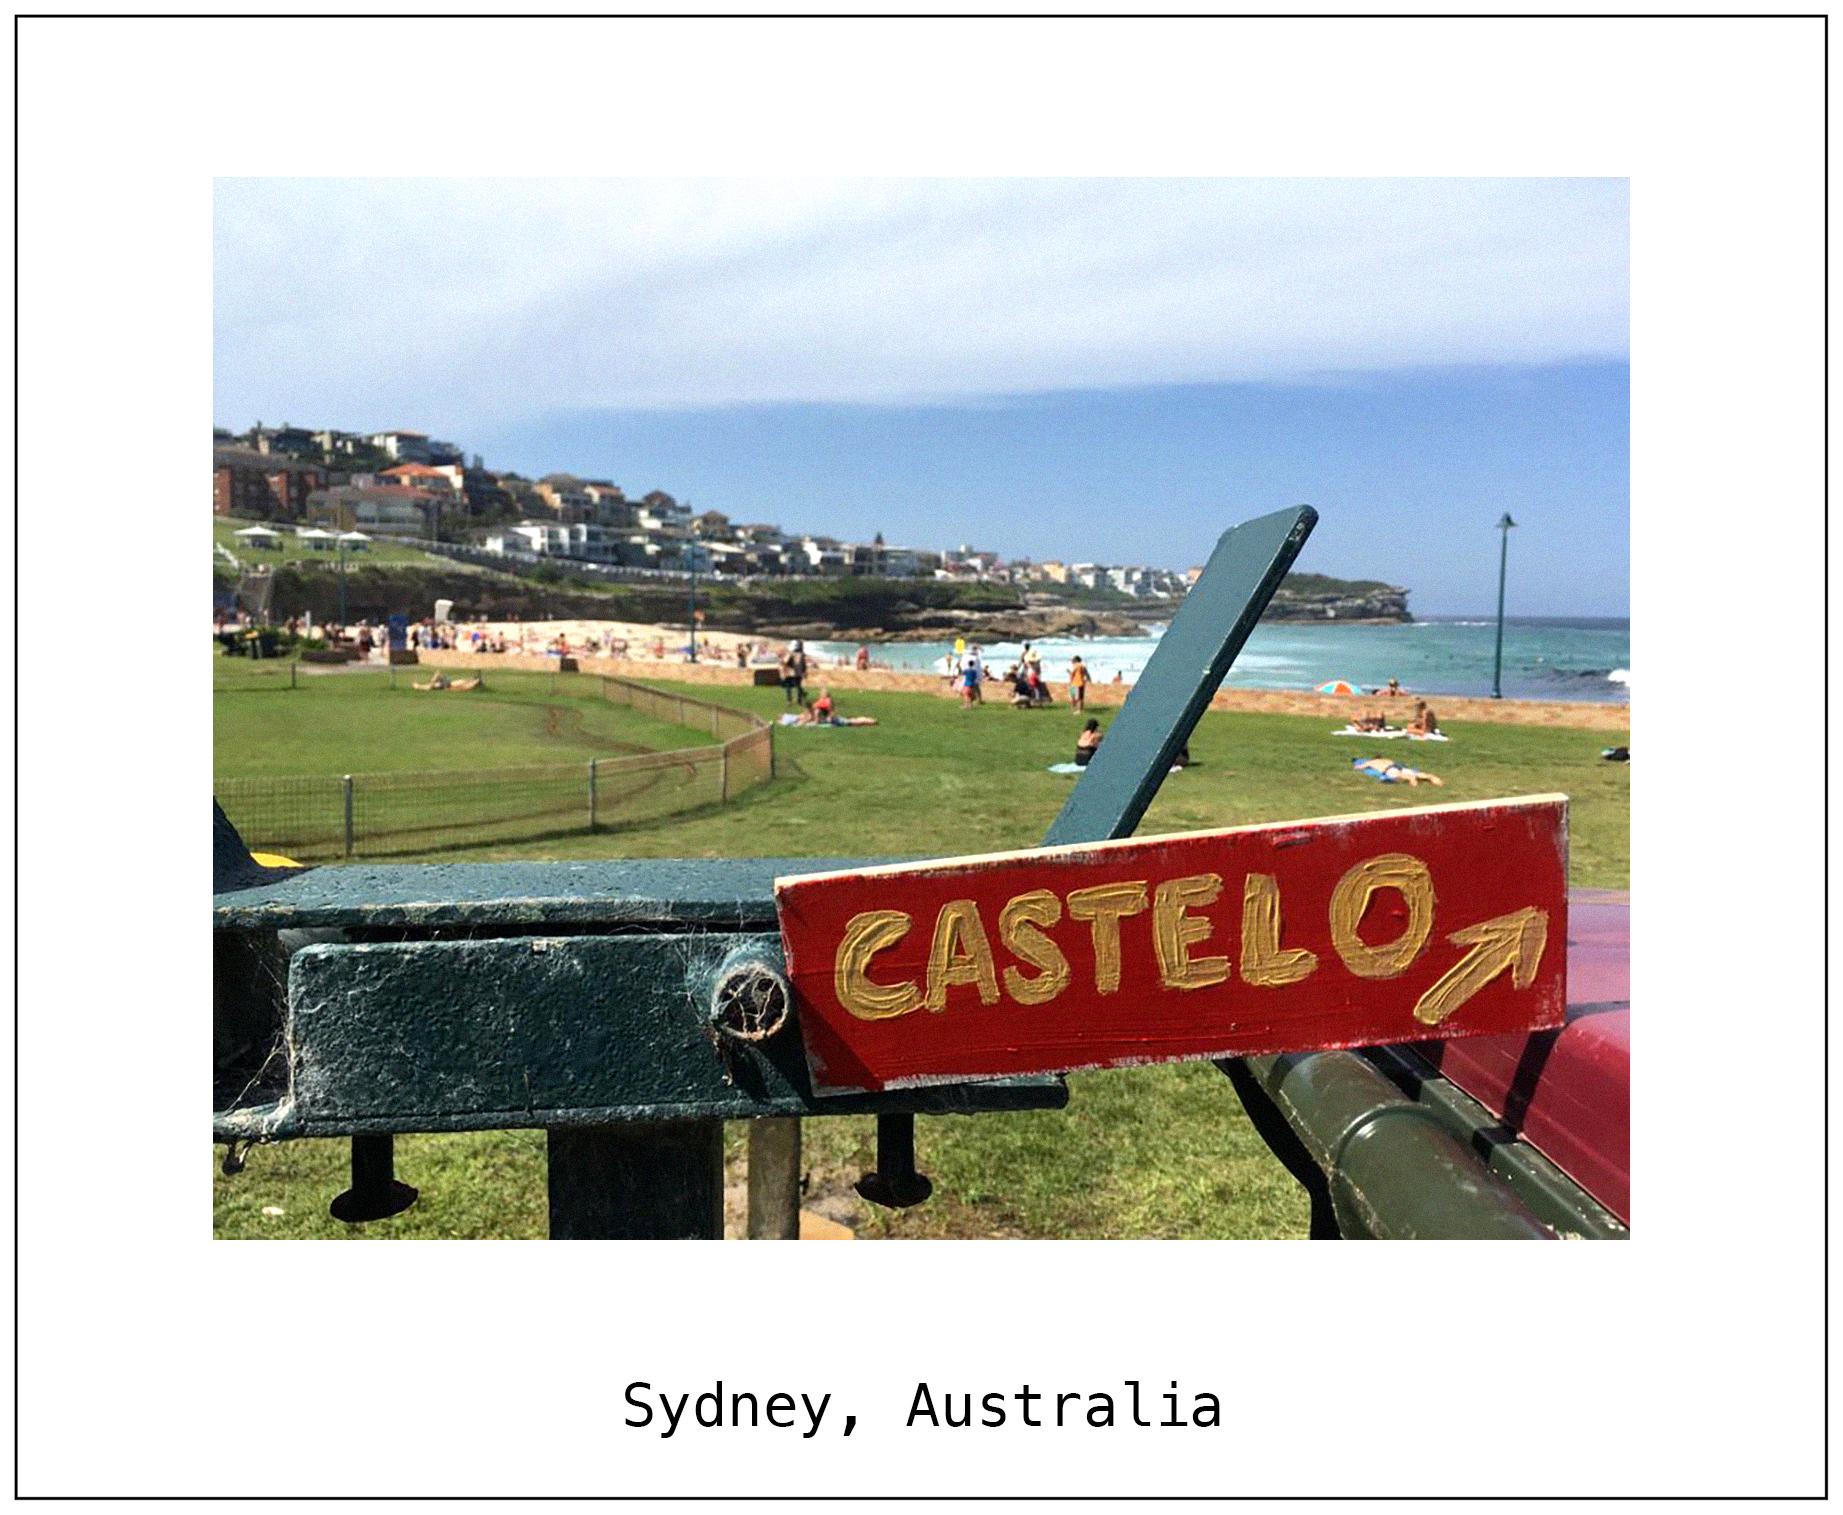 F Sydney, Australia.jpg